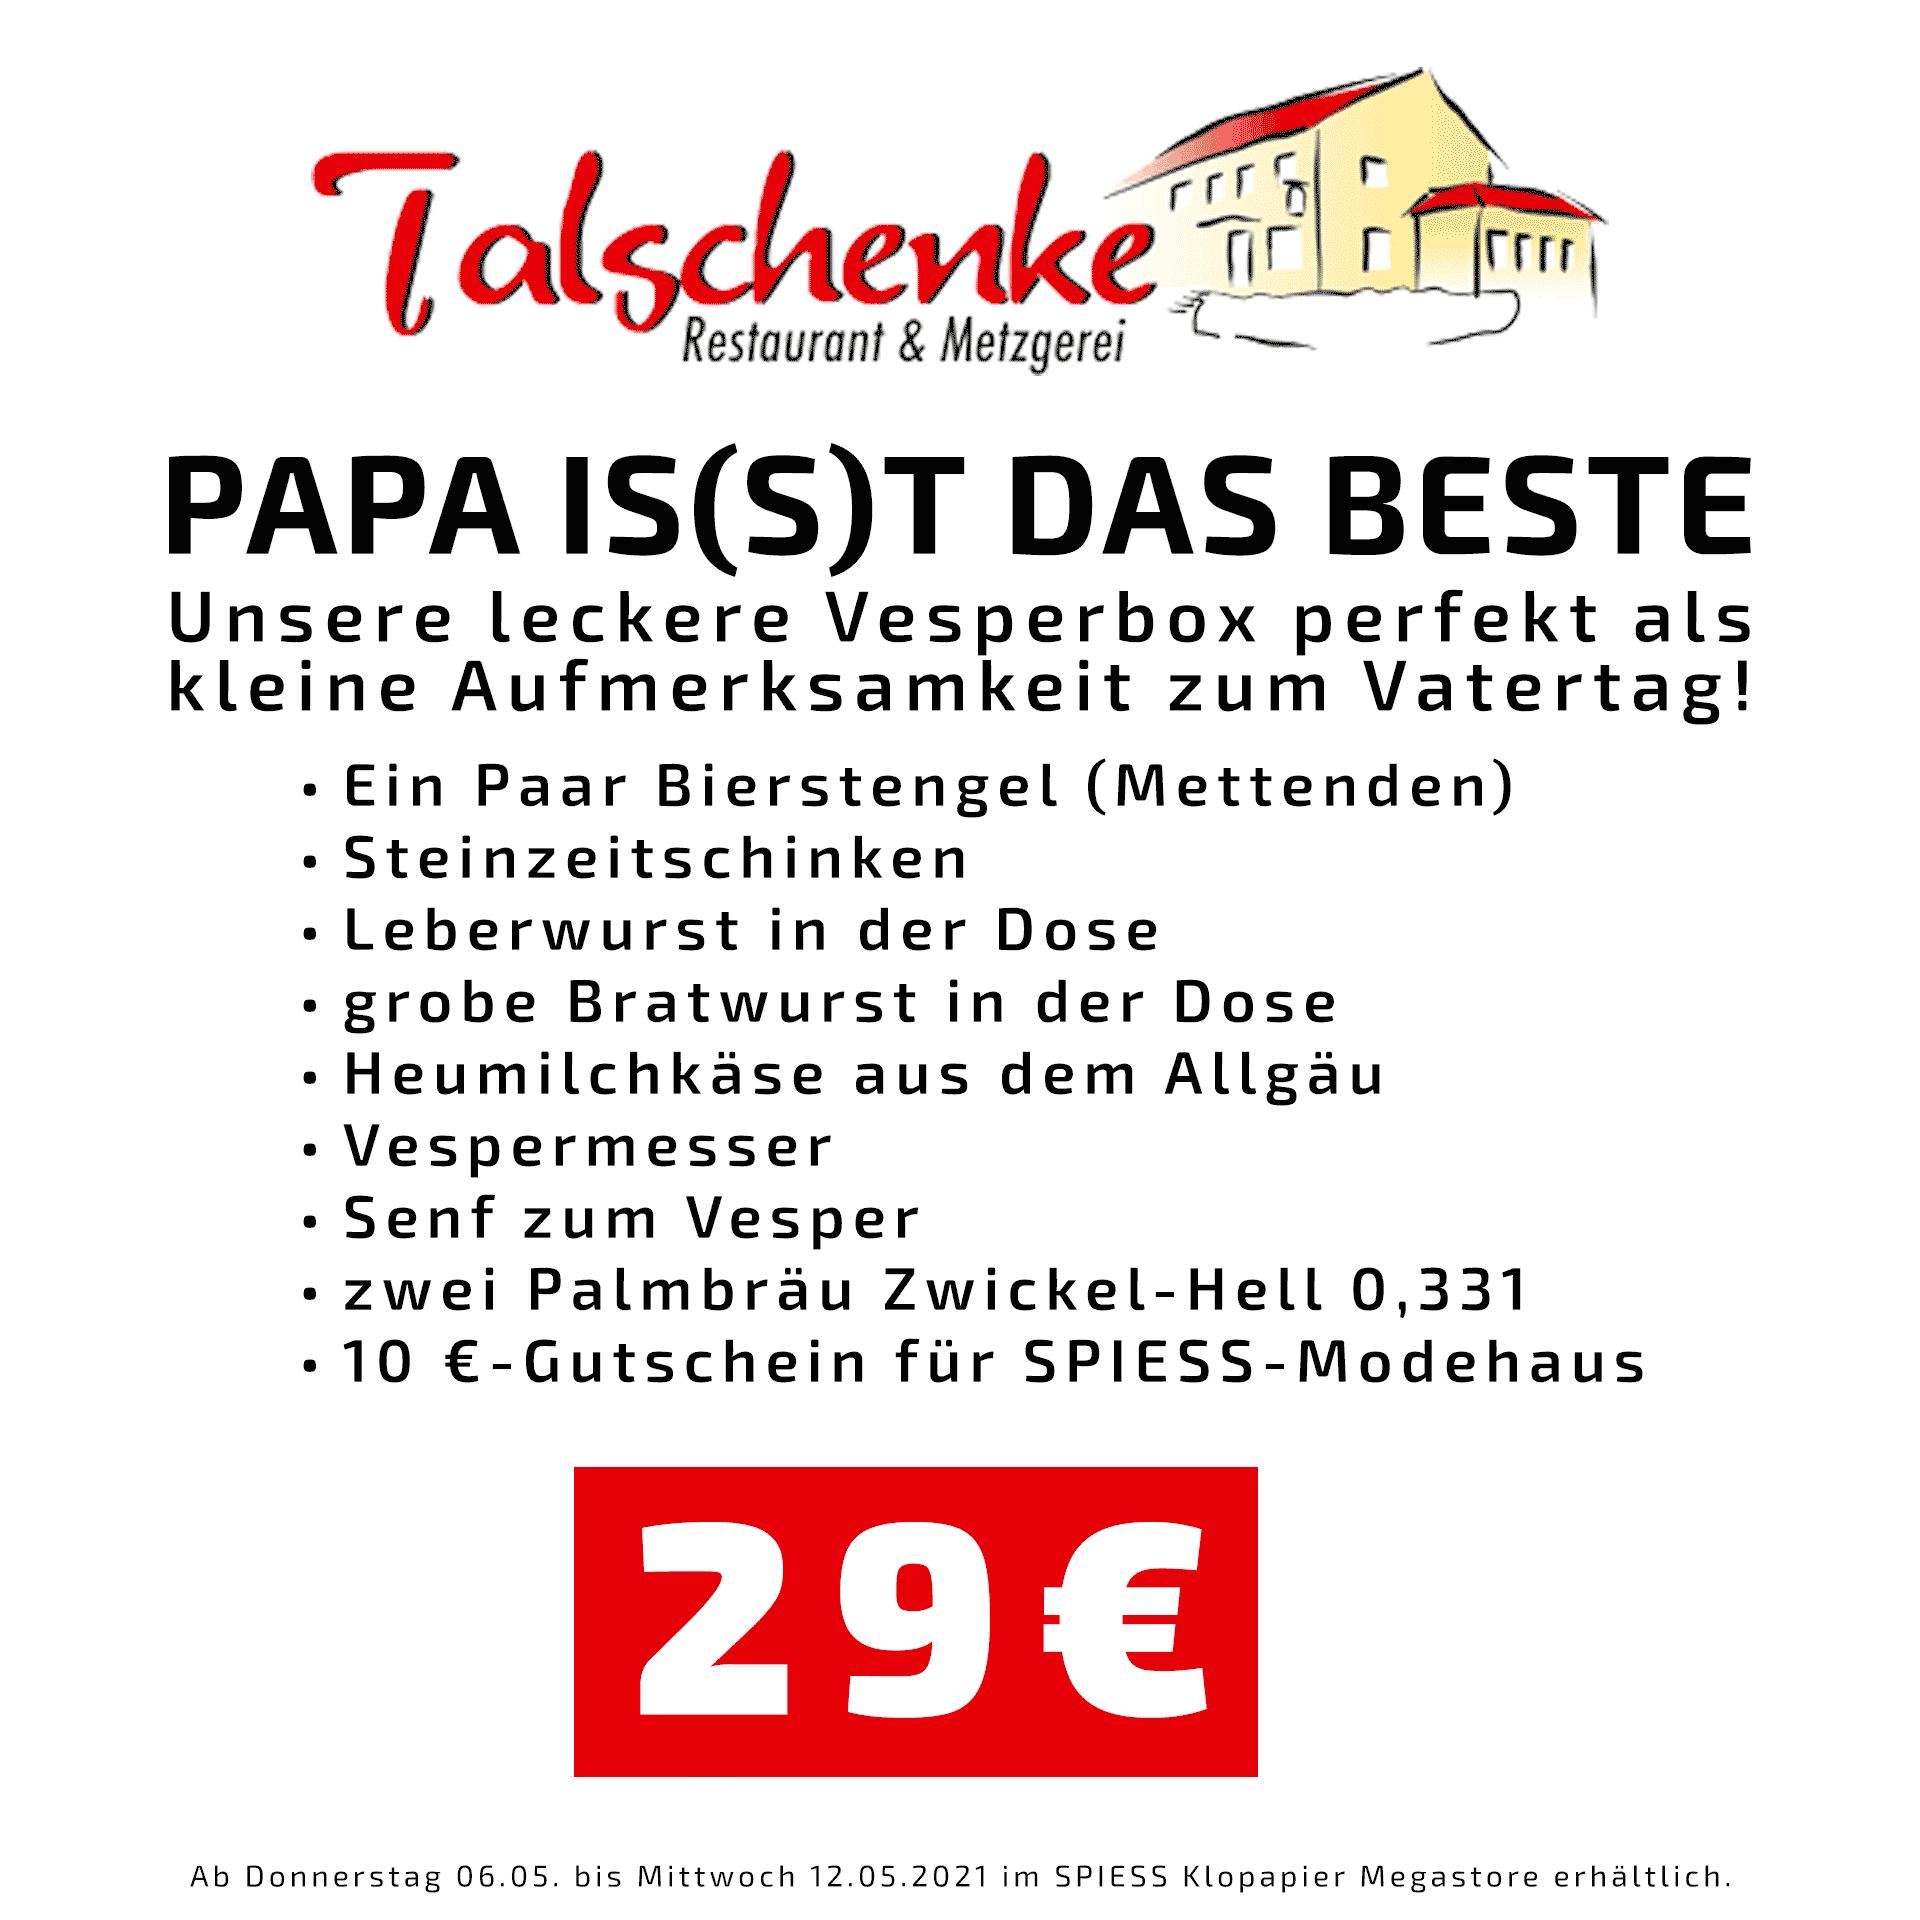 Vatertag Geschenkbox Talschenke | SPIESS Modehaus Eppingen